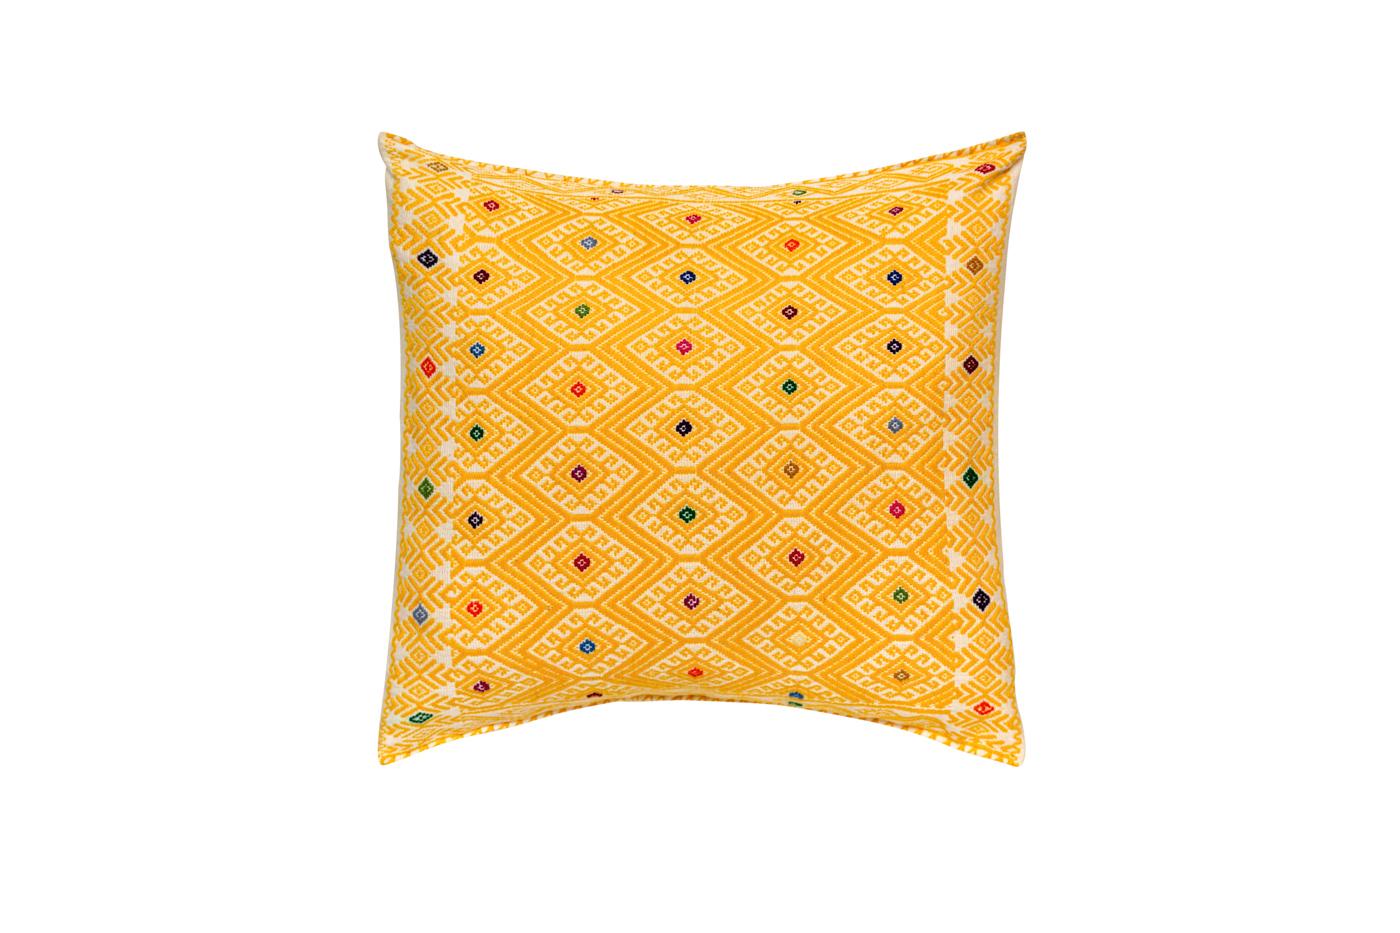 Cojín Mexicano en algodón con patrones geométricos-amarillo